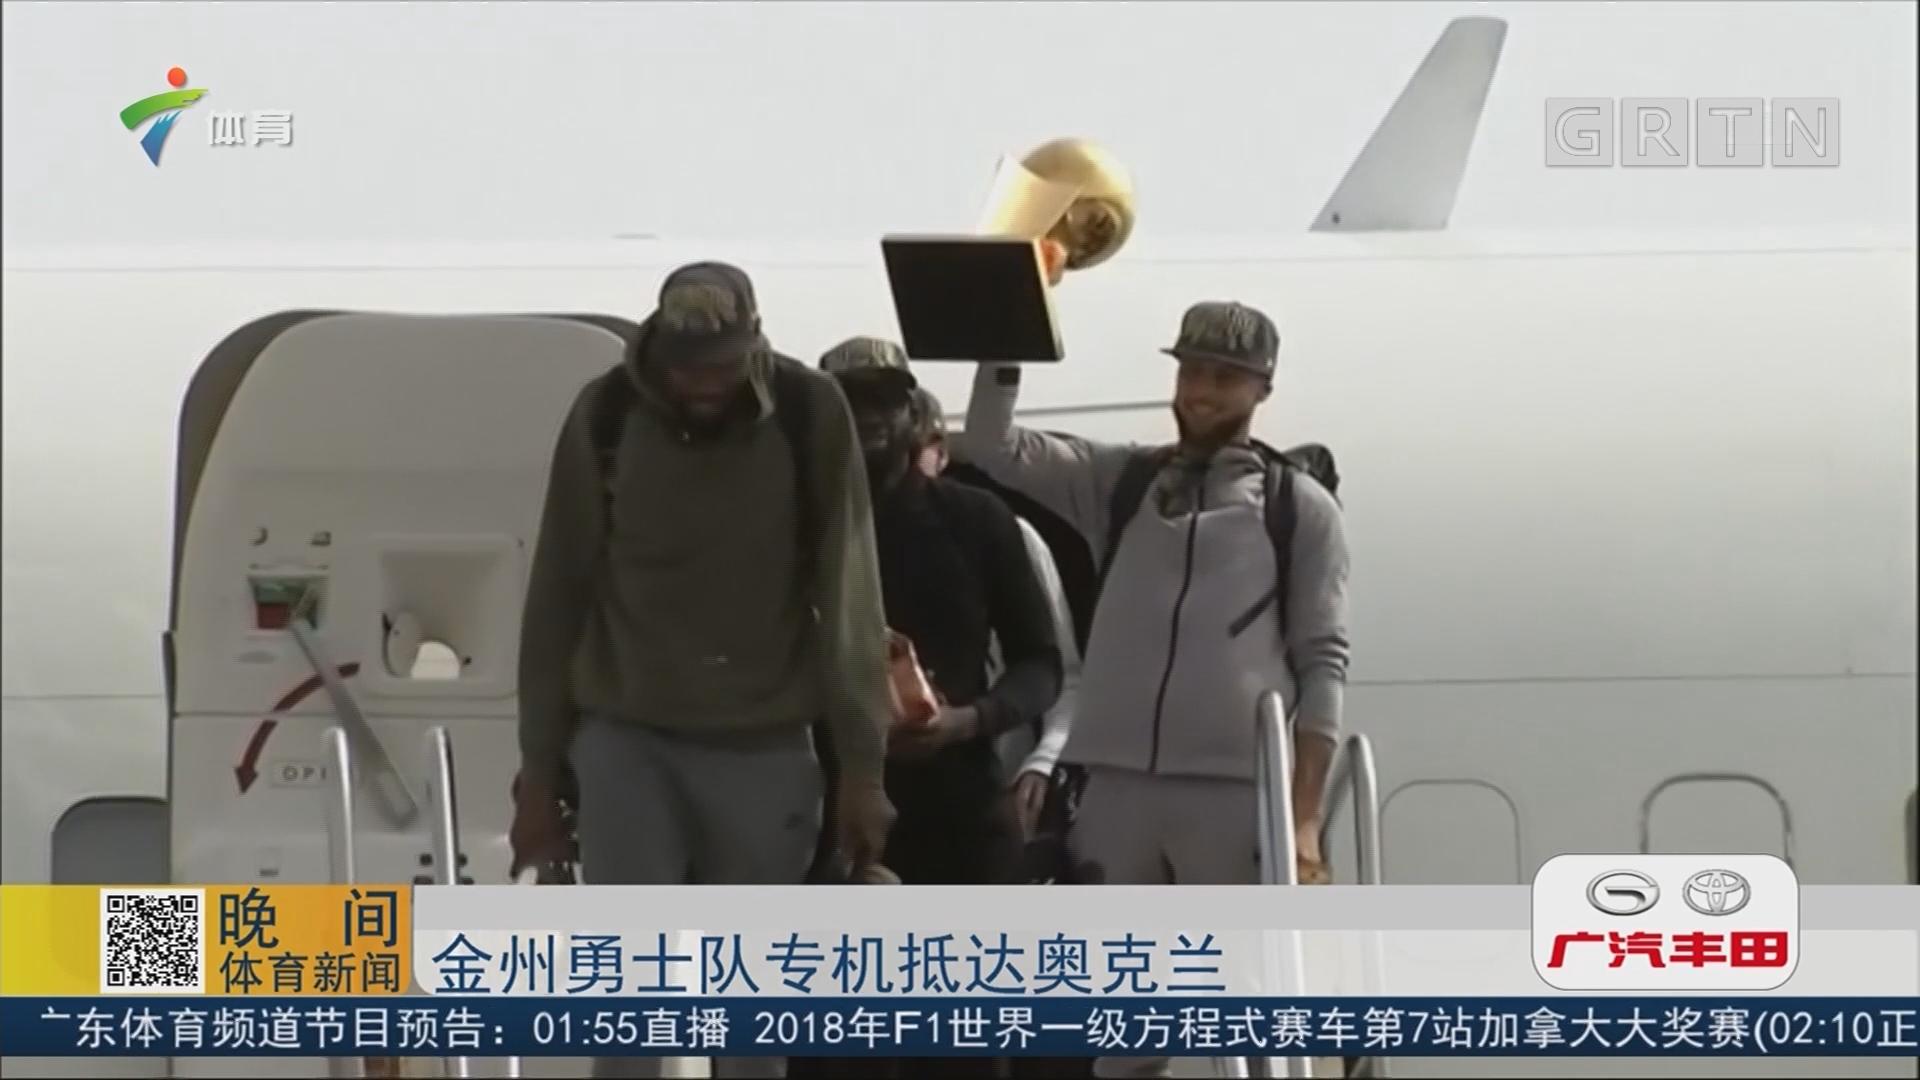 金州勇士队专机抵达奥克兰